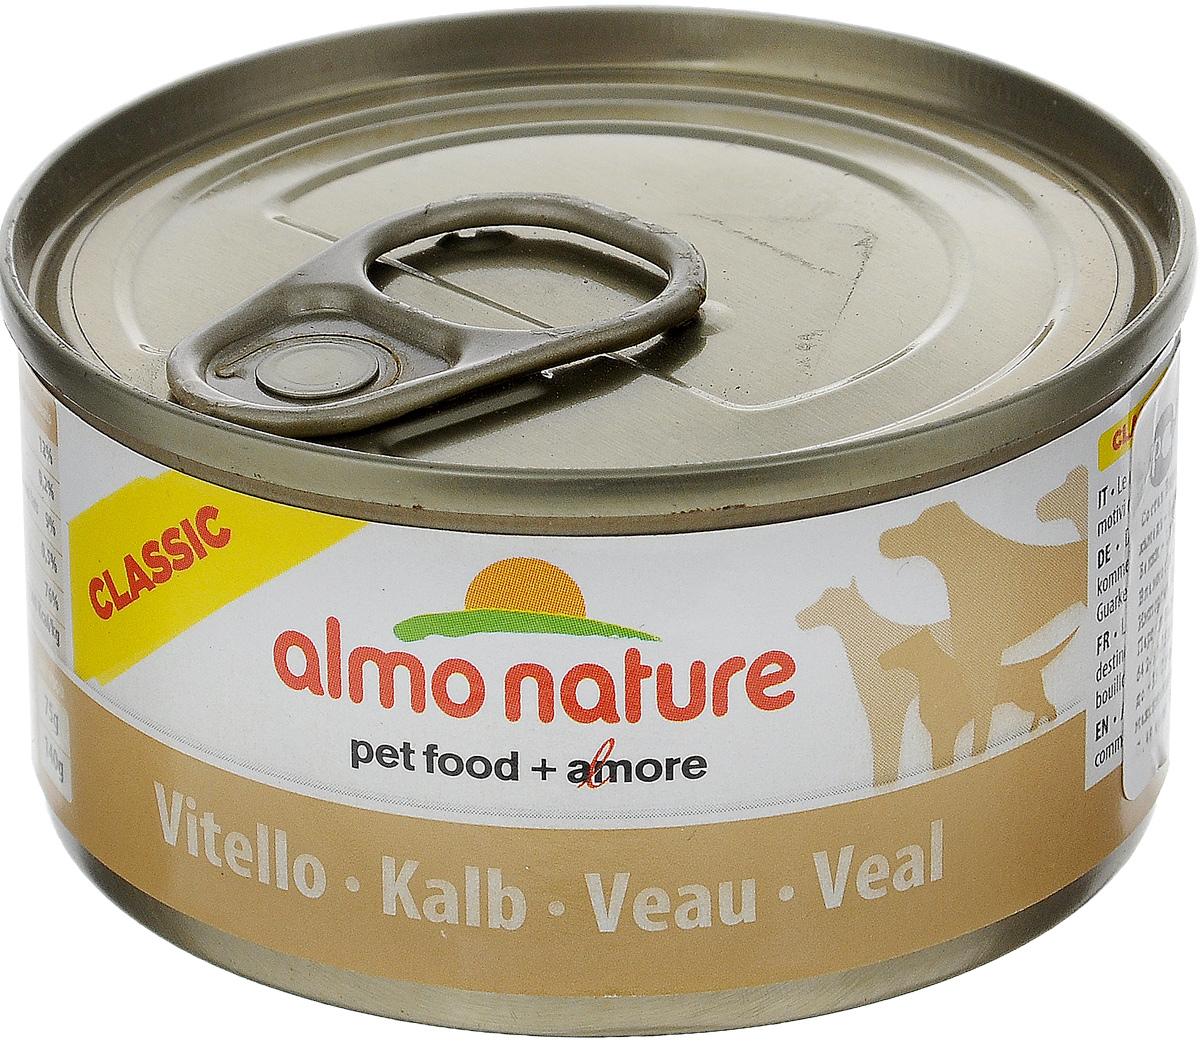 Консервы для собак Almo Nature, с телятиной, 95 г26496Консервы для собак Almo Nature состоят из высококачественных натуральных ингредиентов, которые пригодны для потребления человеком. Полнорационное питание для взрослых собак. Состав: вырезка телятины 50%, рис 3%, гуаровая камедь 0,2%, телячий бульон. Гарантированный анализ: неочищенный белок 12%, сырая клетчатка 0,2%, неочищенные жиры 9%, сырая зола 0,5%, влажность 76%.Калорийность: 1500 ккал/кг. Товар сертифицирован.